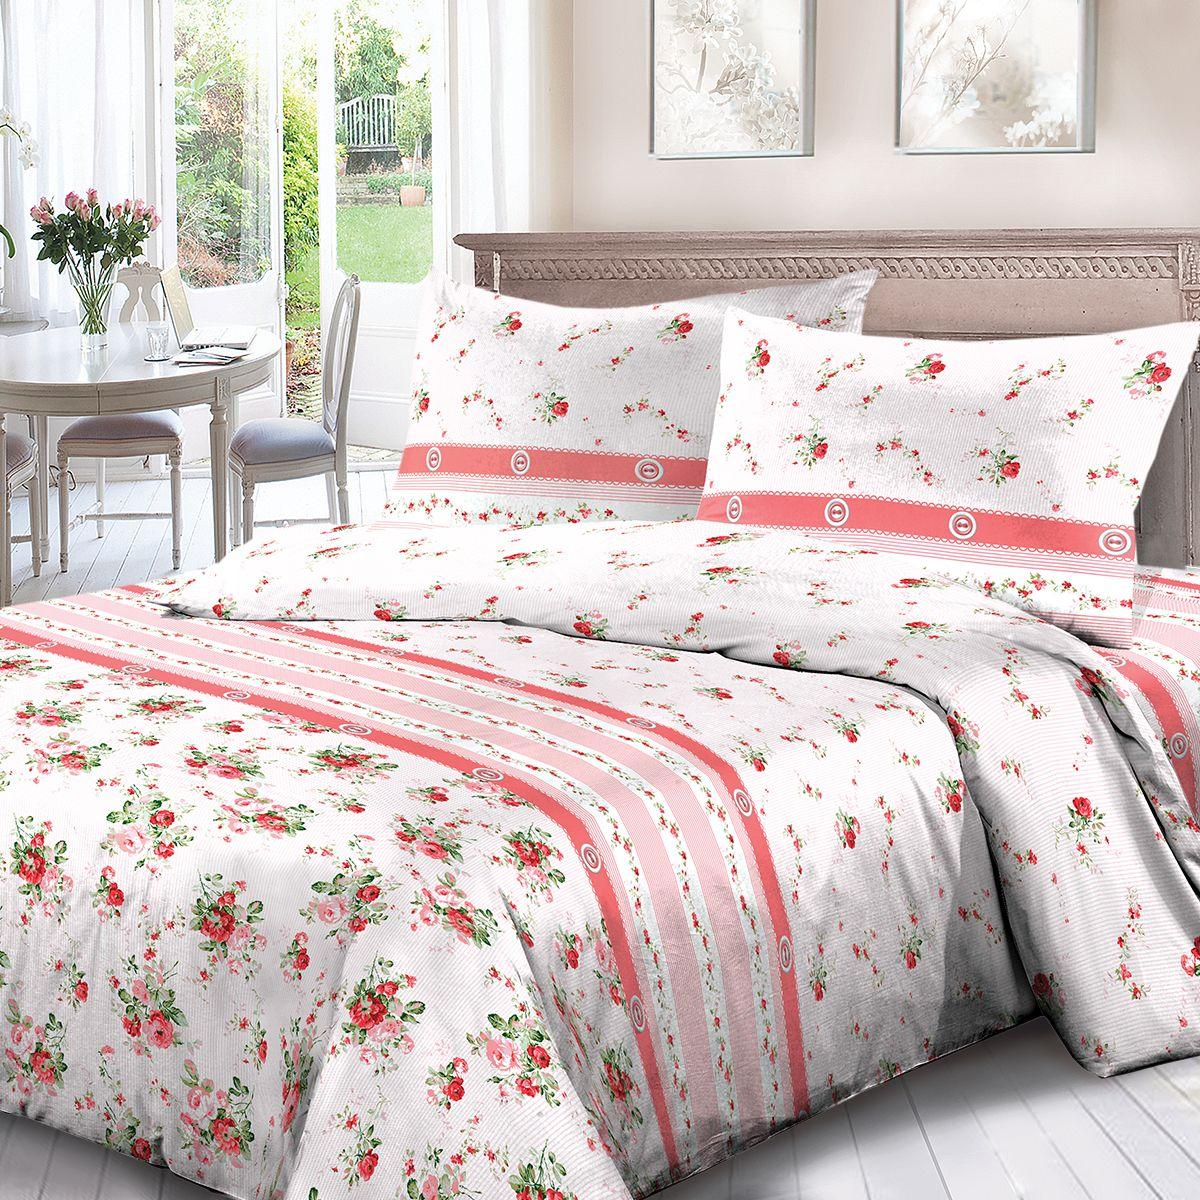 Комплект белья Для Снов Мирабель, 2-х спальное, наволочки 70x70, цвет: розовый. 3668-181979